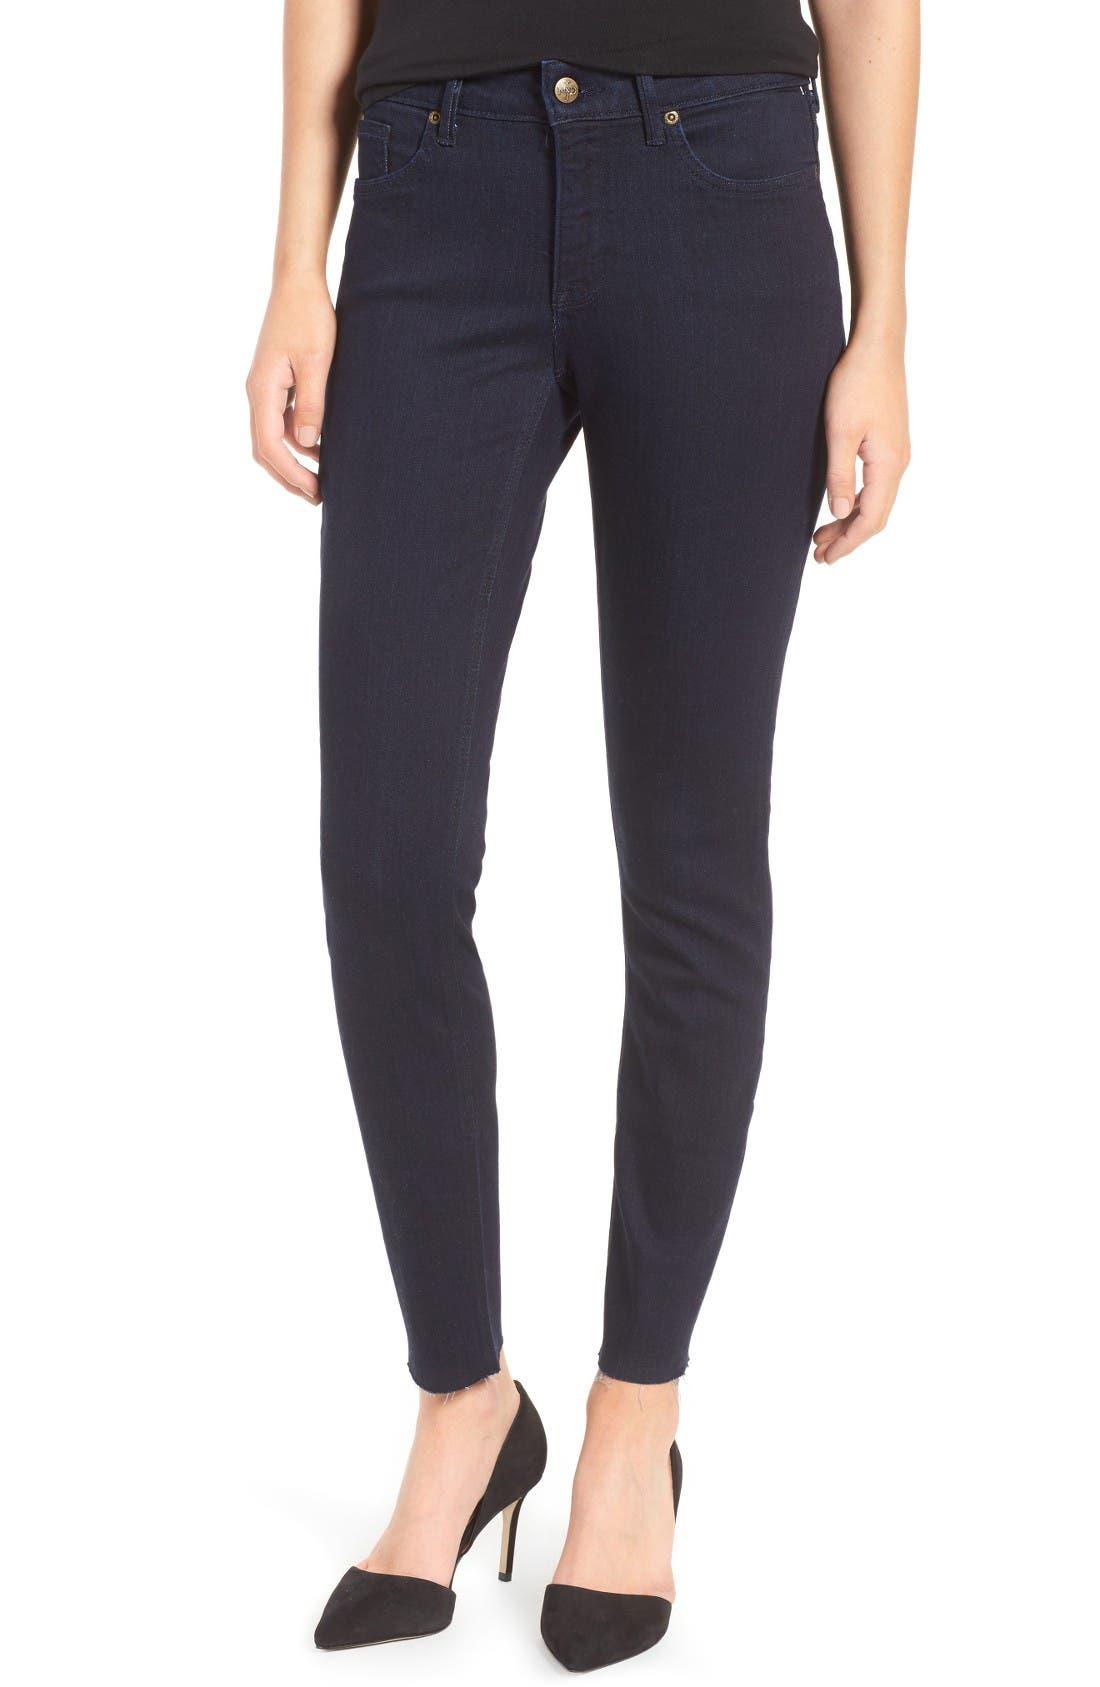 NYDJ Ami Raw Hem Stretch Skinny Jeans